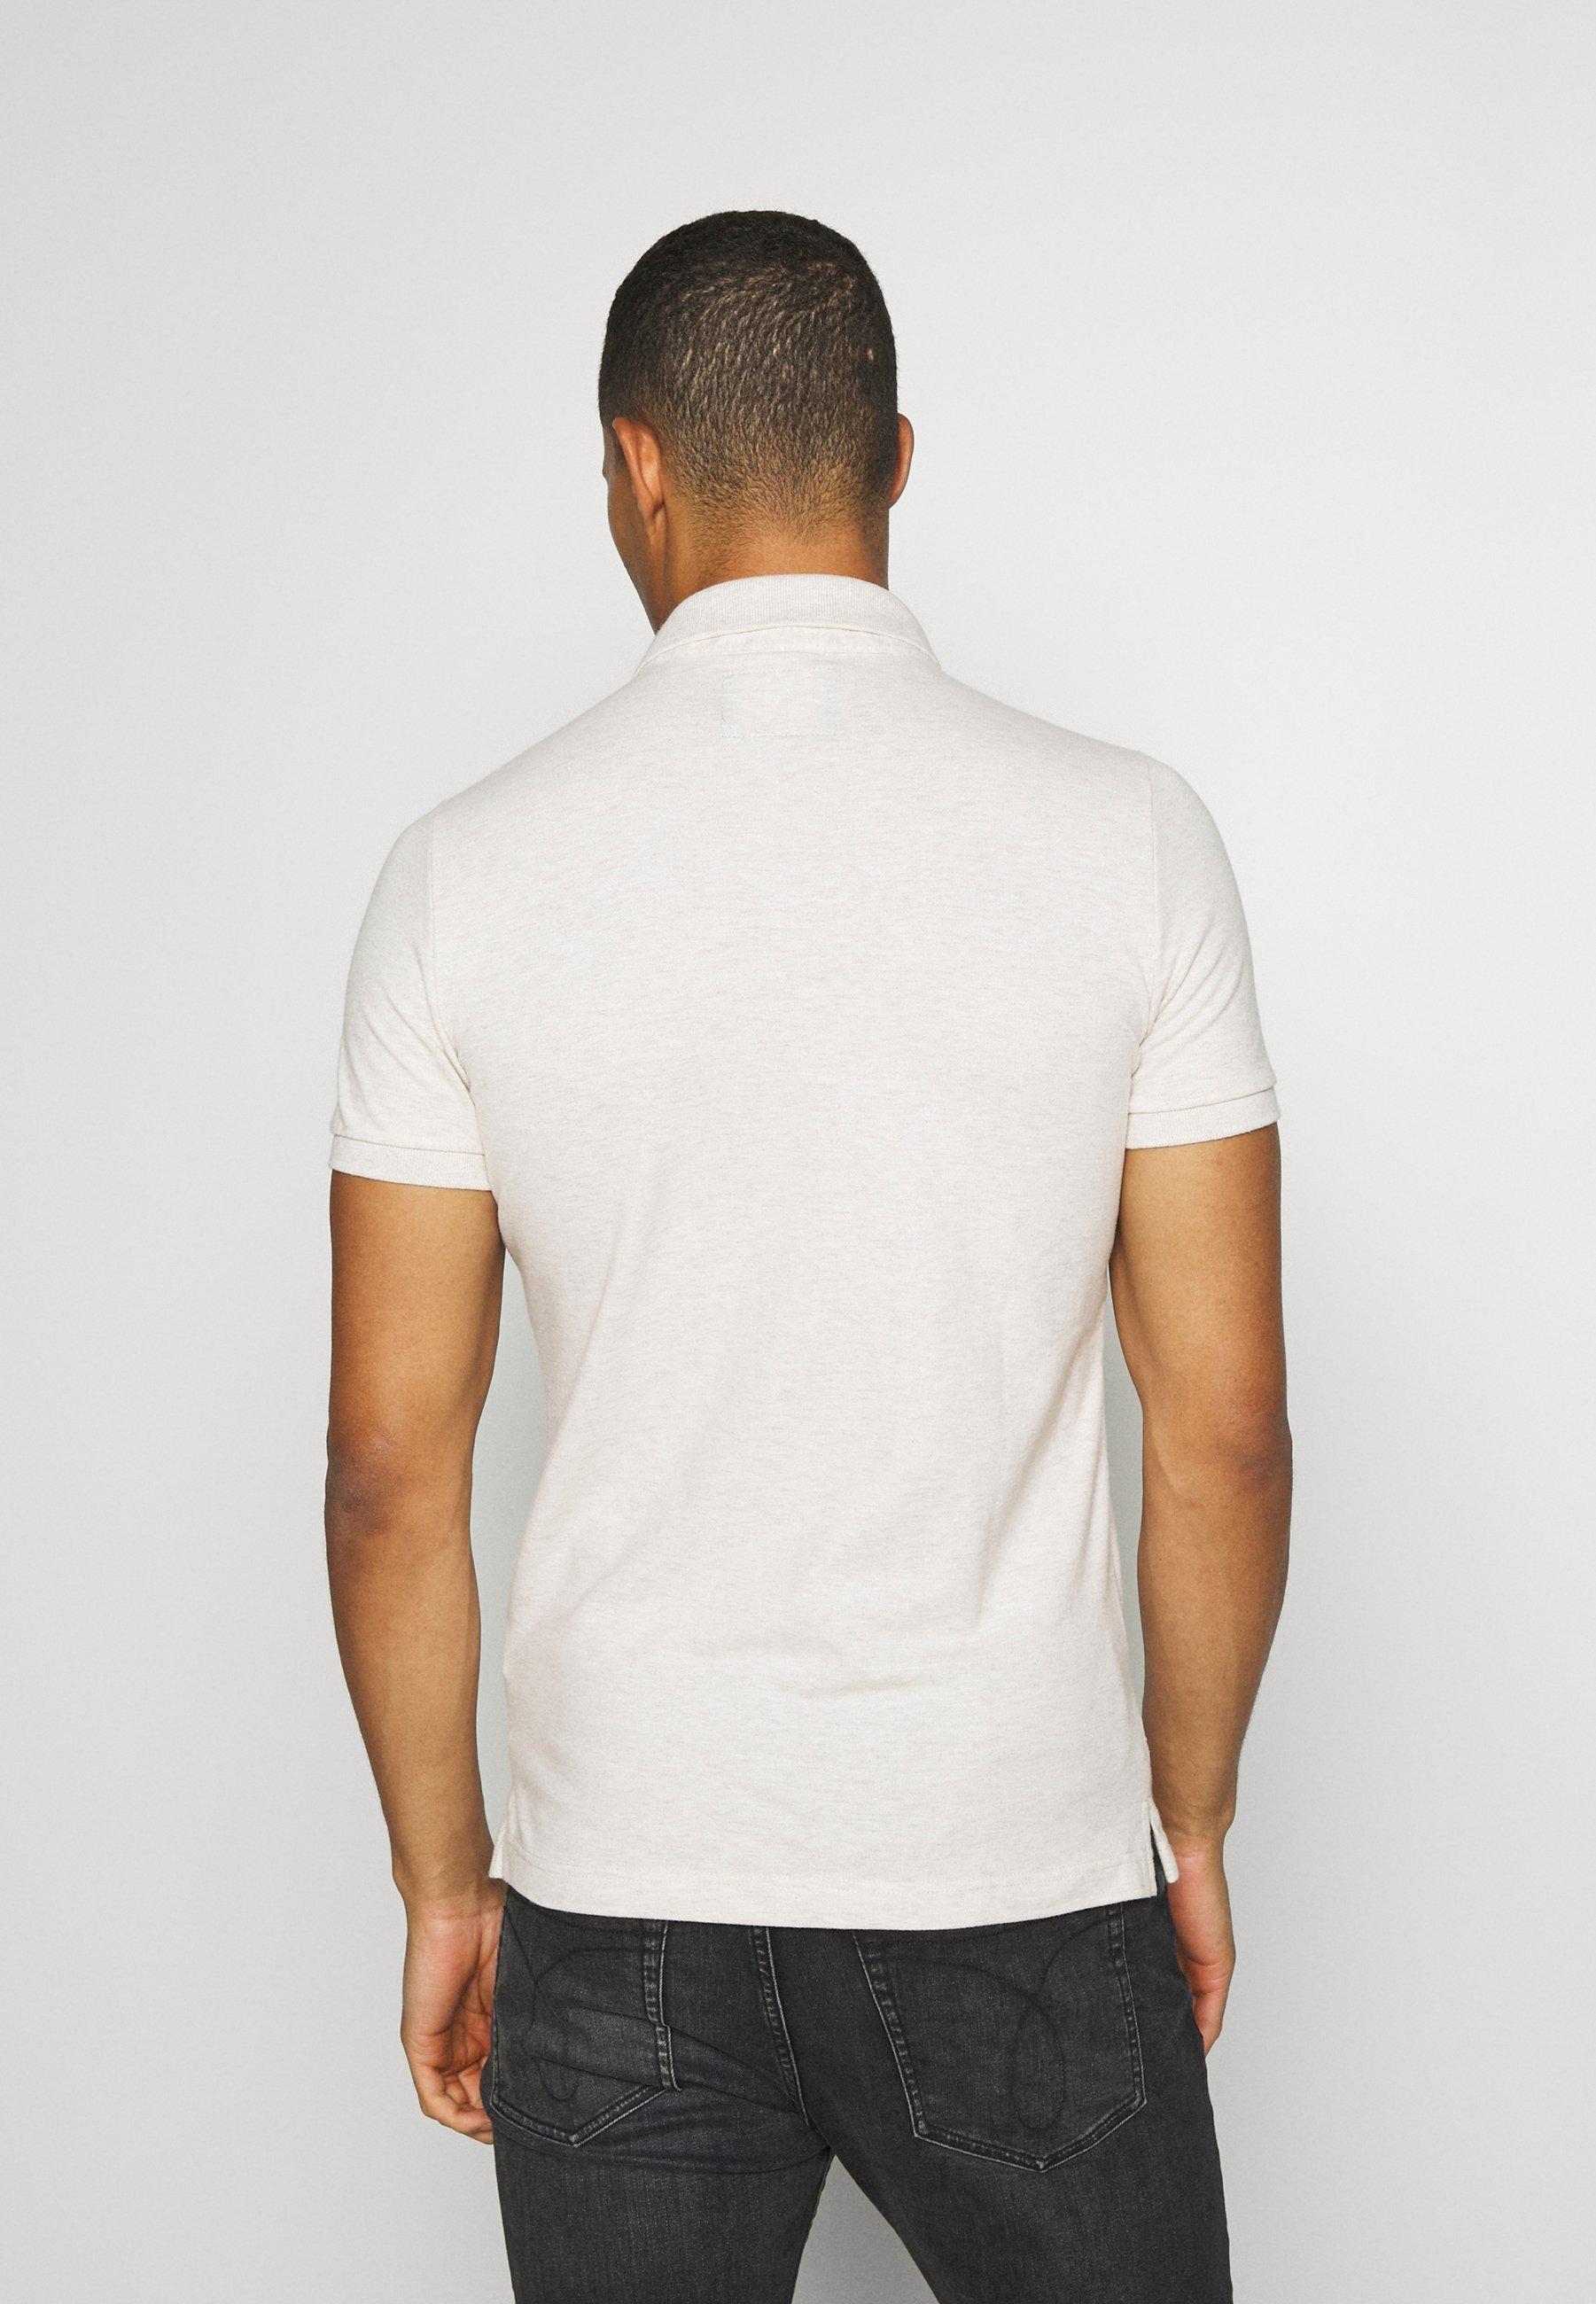 Hollister Co. Polo shirt - oatmeal fR8qu